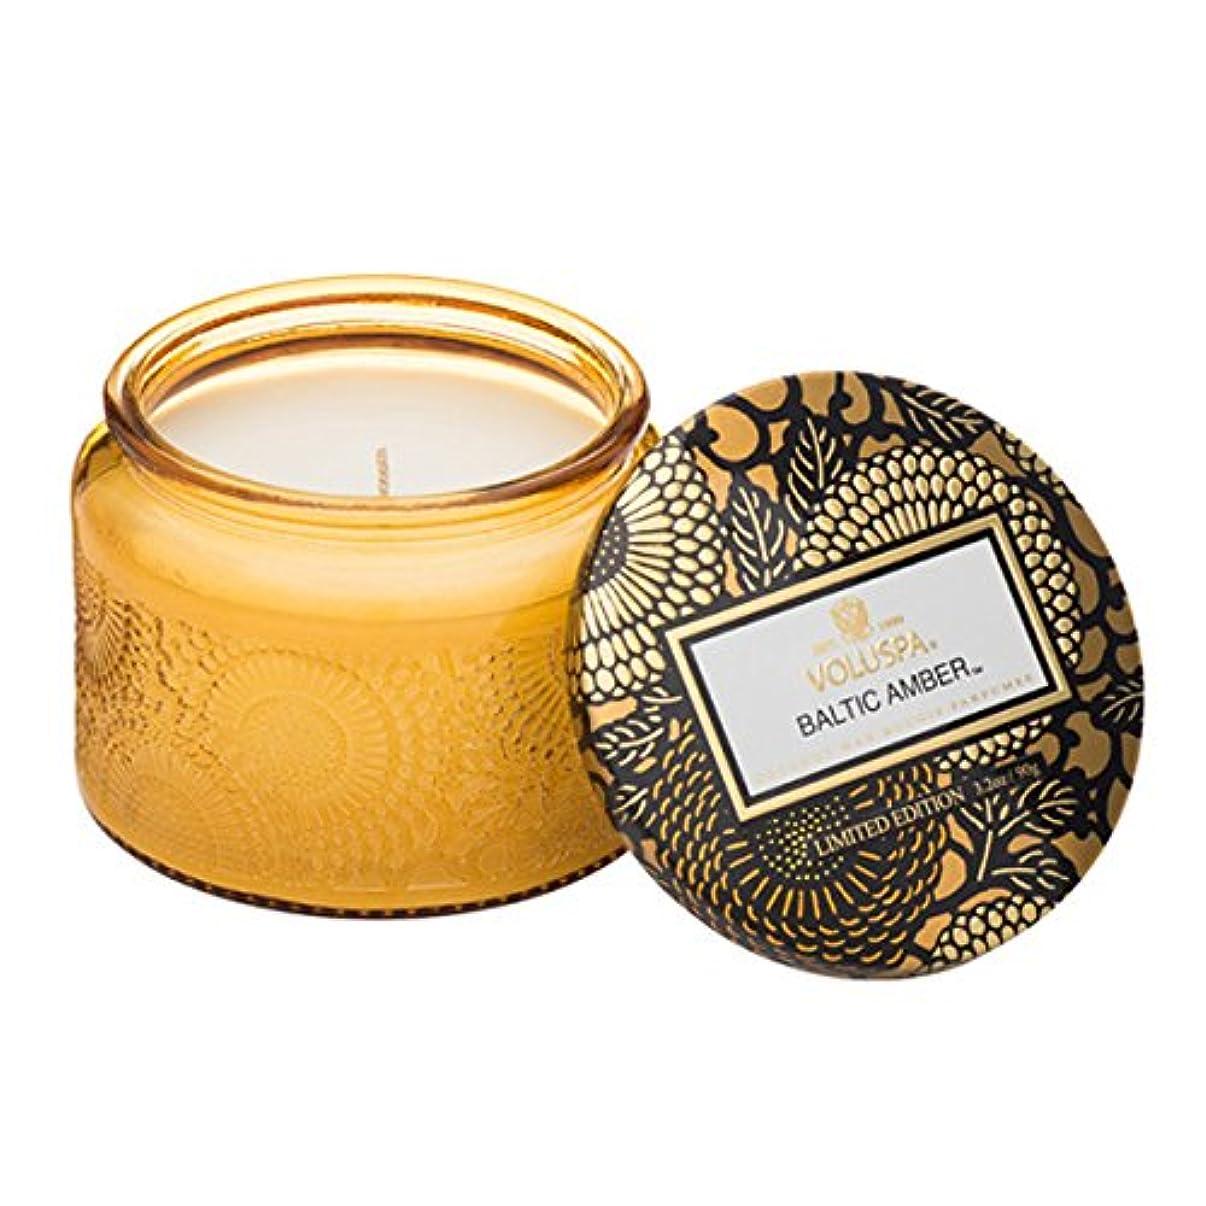 勝利した電信道Voluspa ボルスパ ジャポニカ リミテッド グラスジャーキャンドル  S バルティックアンバー BALTIC AMBER JAPONICA Limited PETITE EMBOSSED Glass jar candle